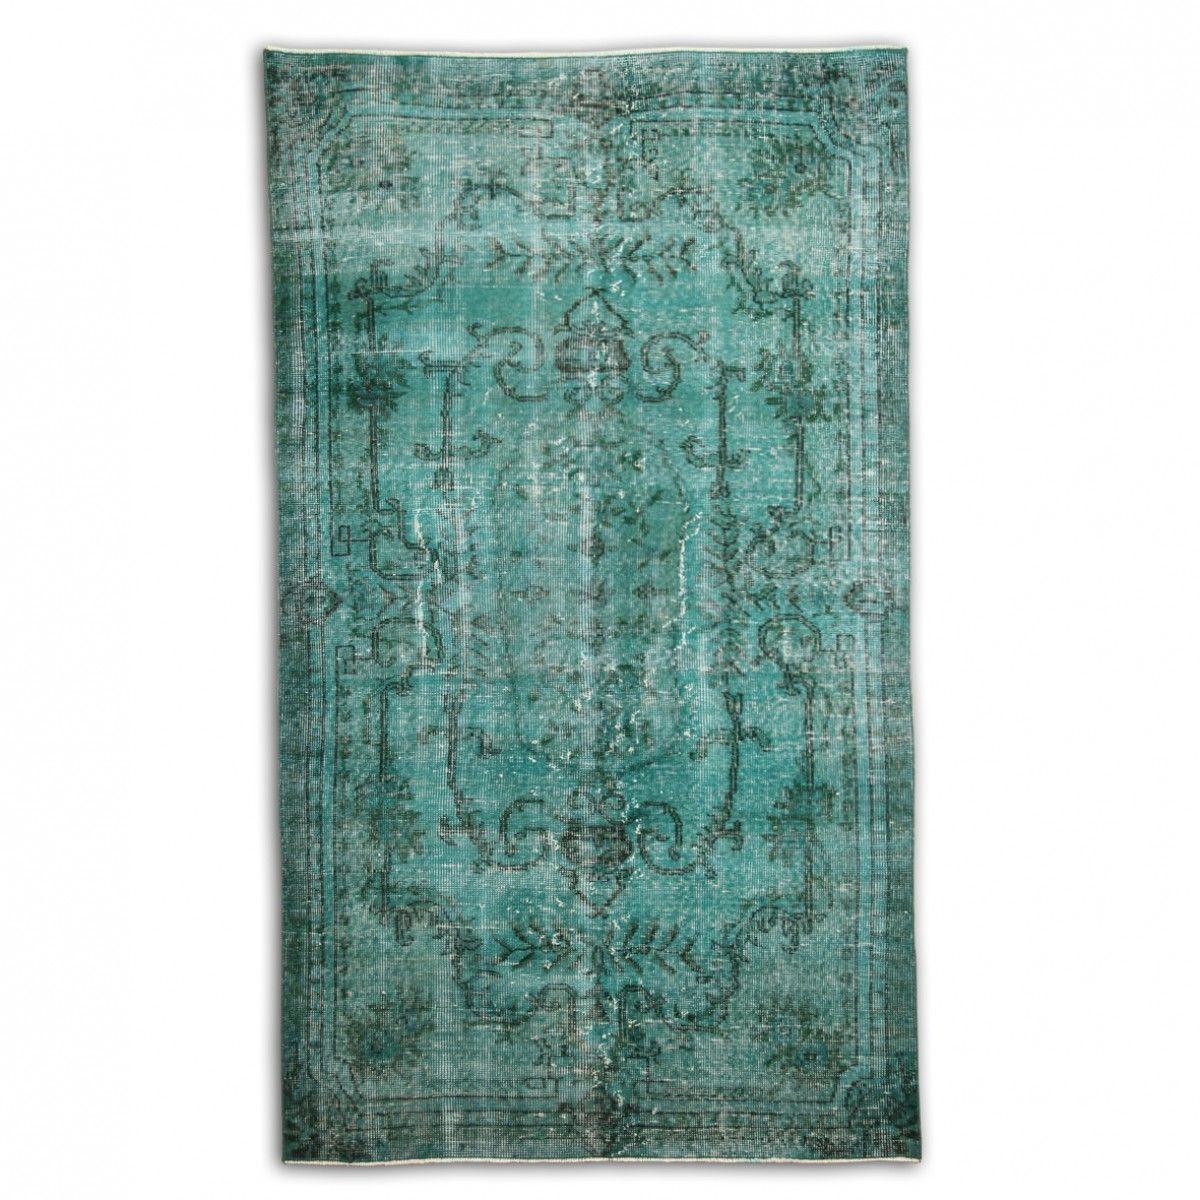 Antique Green Over Dyed Carpet By Vintagekilimrug On Etsy